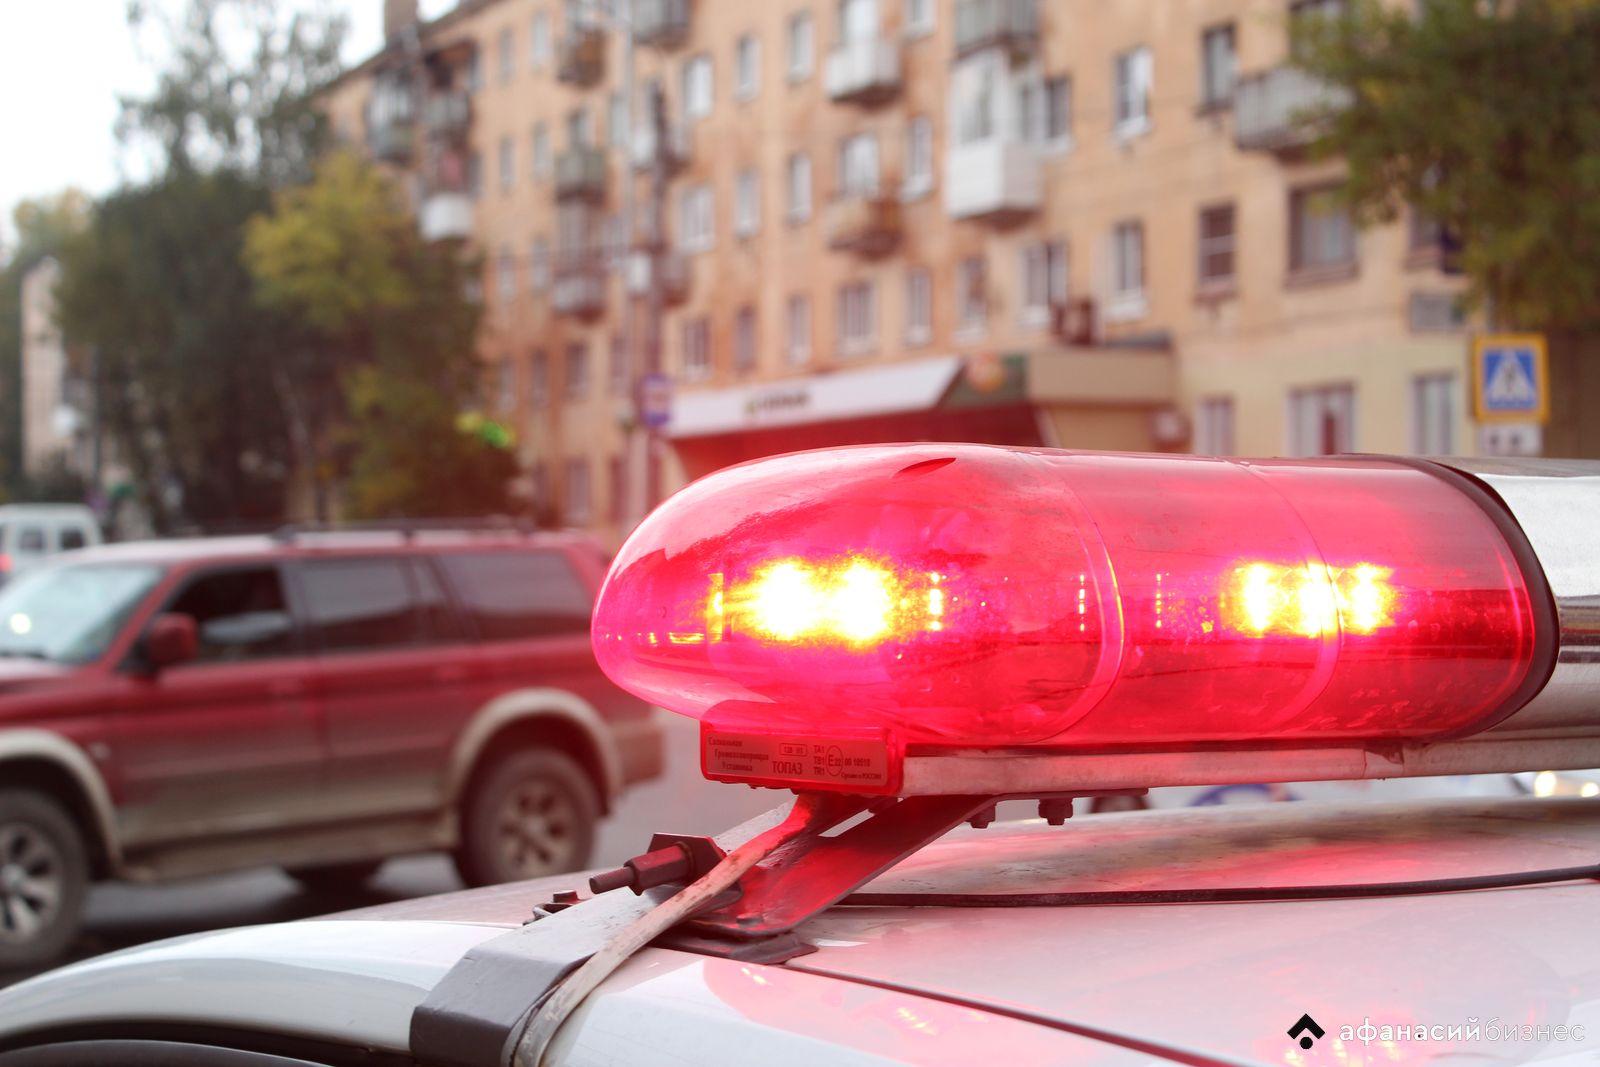 В Твери водитель «десятки» сбил велосипедиста и скрылся с места ДТП - новости Афанасий